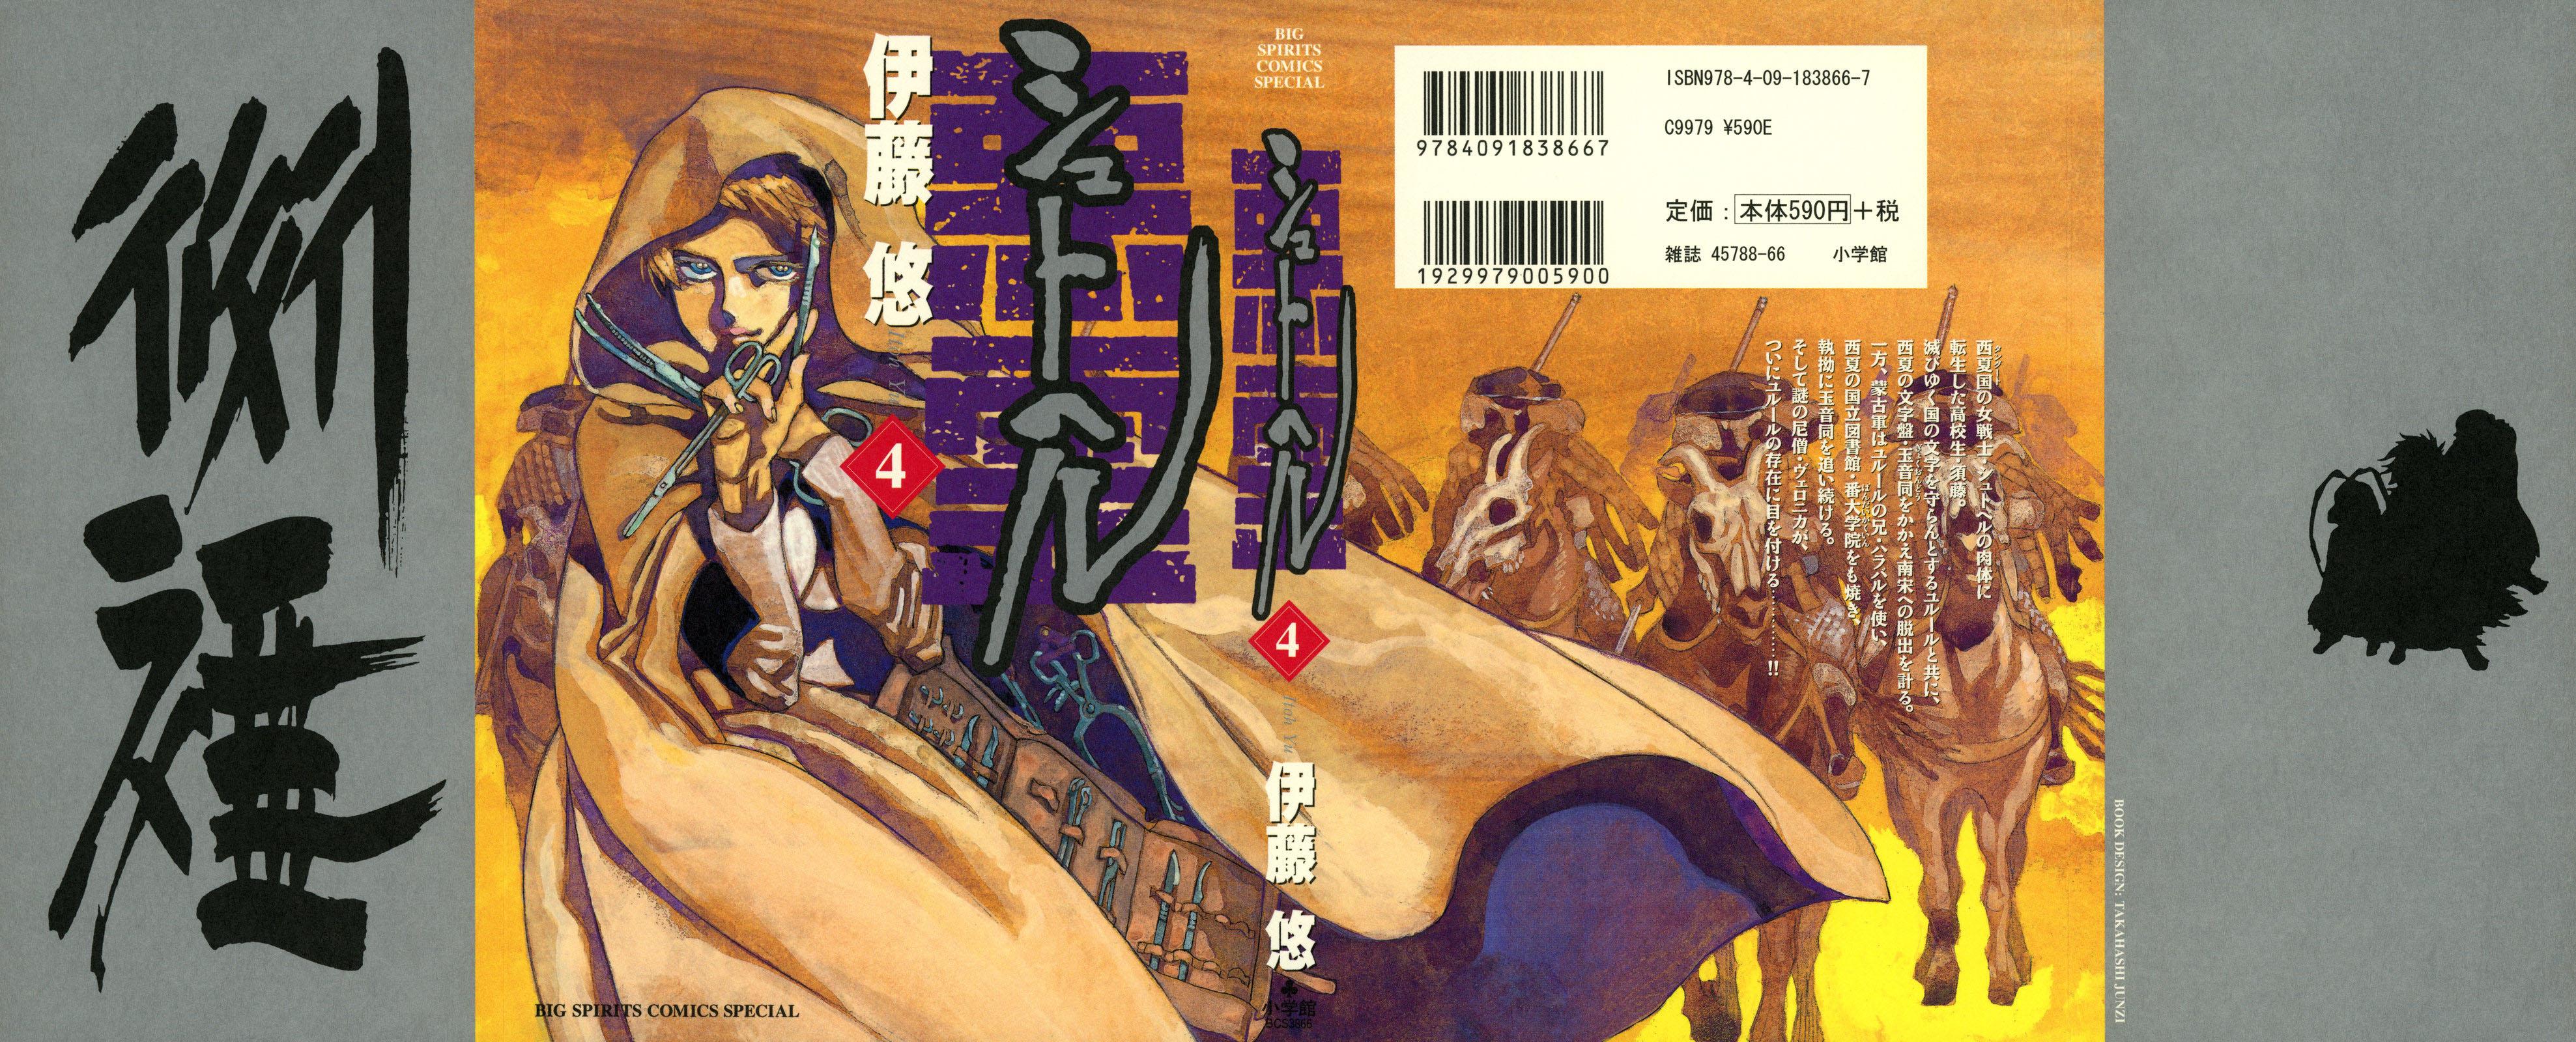 https://nine.mangadogs.com/fr_manga/pic1/30/1118/48295/ShutHell23VF_0_111.jpg Page 1